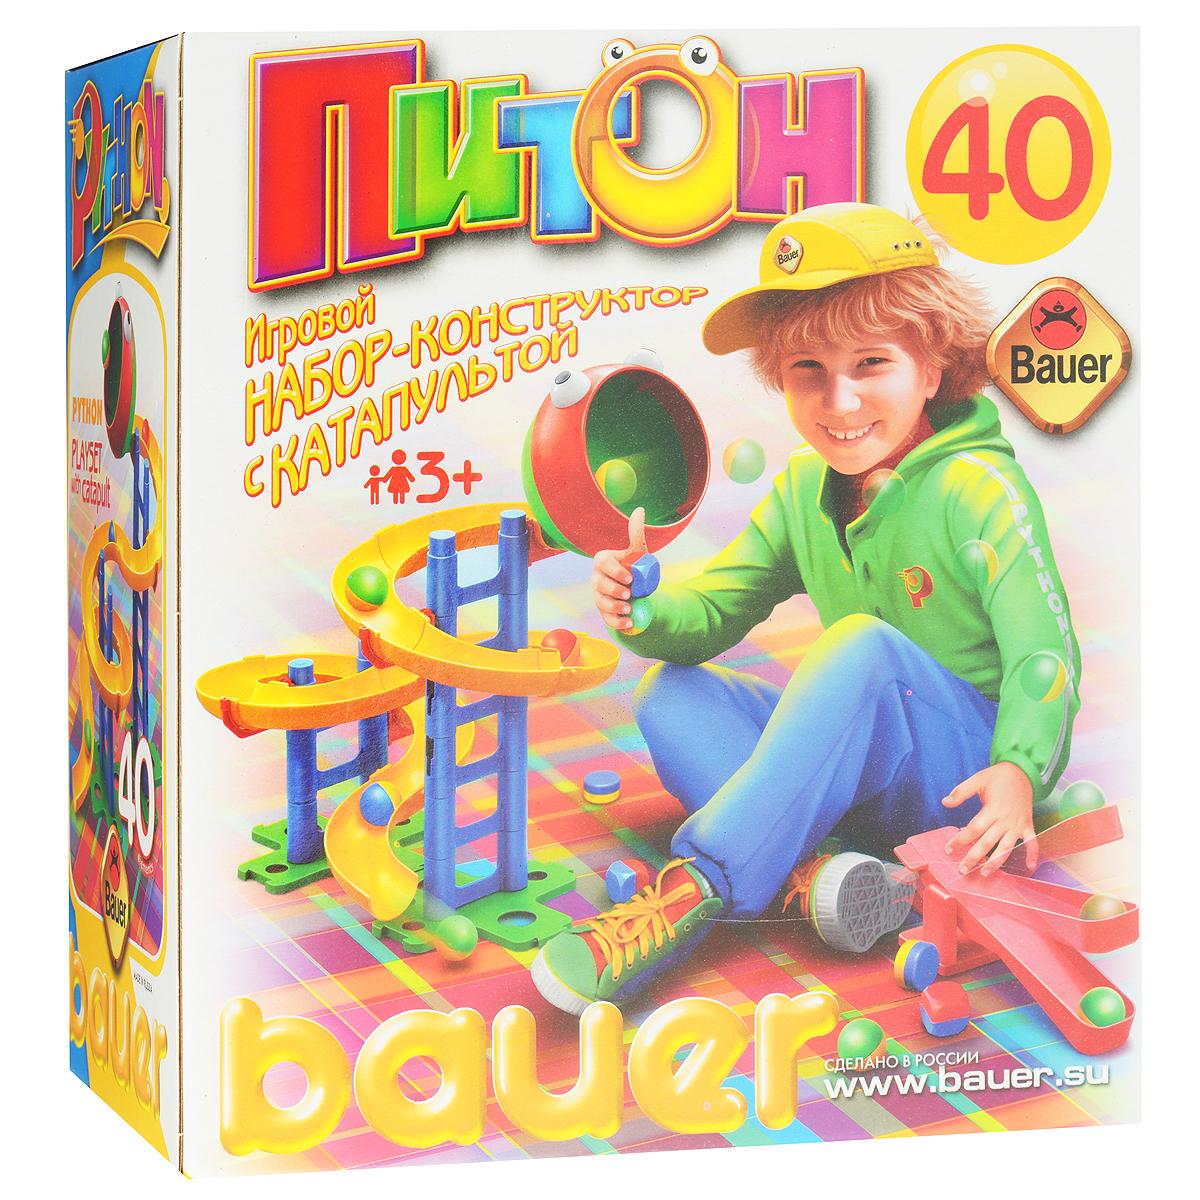 Bauer Конструктор Питончик с катапультой037Игровой набор-конструктор Питончик с катапультой это не только интересный конструктор, но и веселая игра. Конструктор включает в себя горку для шариков и катапульту. С помощью последней нужно забросить шарик в воронку, которая находиться на вершине горки. А с горки шарик скатиться сам. Горка представляет собой две сборные лесенки, на которых крепится сборный спиралеобразный желоб - он собирается из отдельных частей. Можно собрать питона любой формы, главное - не промахнуться и ядра покатятся по необычному маршруту обратно к юному метателю! Игра развивает мелкую моторику, координацию движений. Комплектация набора: детали для сборки, горки, воронка, катапульта, шарики, инструкция. Игры с конструкторами помогут ребенку развить воображение, внимательность, пространственное мышление и творческие способности. Ваш малыш сможет часами играть с ним, собирая оригинальные конструкции.